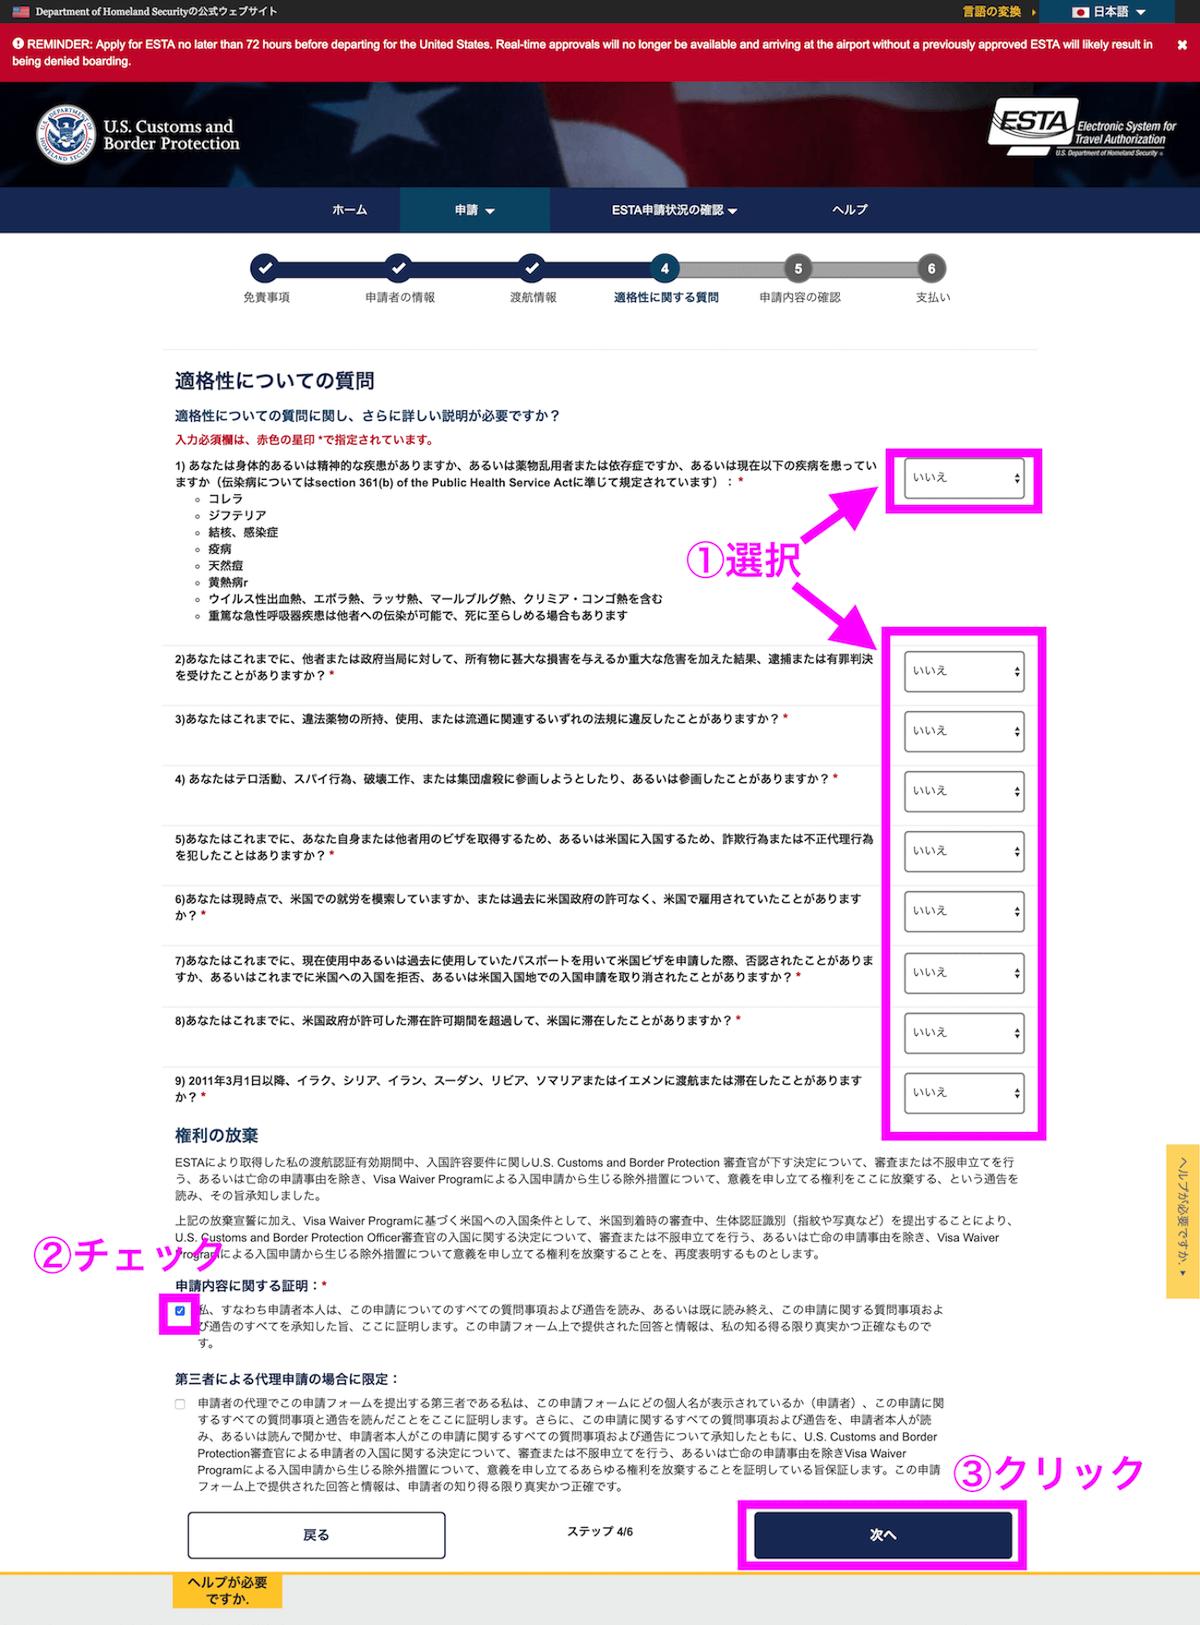 アメリカ入国のESTA(エスタ)申請方法(手順)7